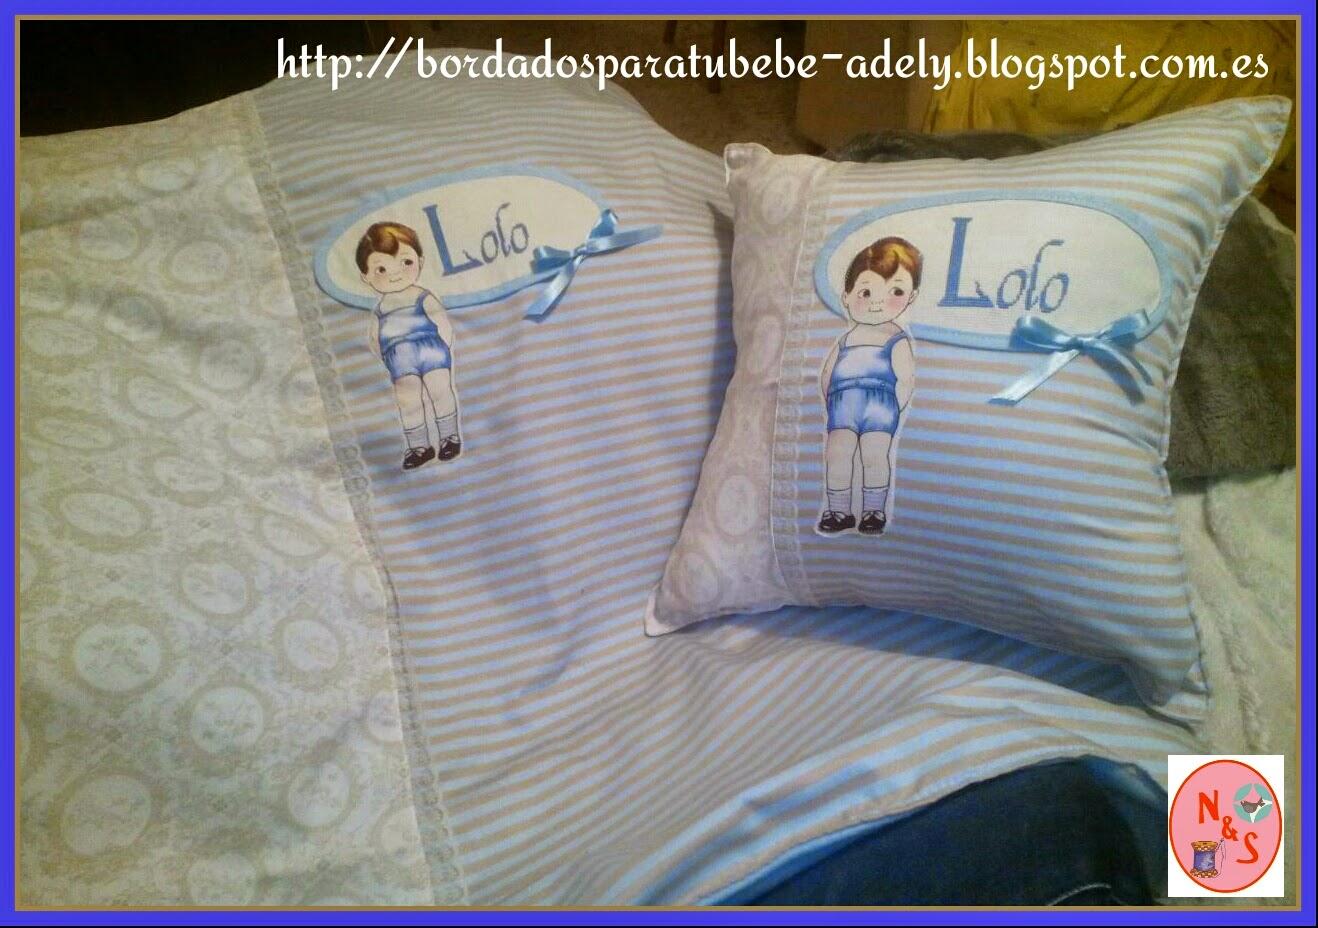 Regalos originales infantiles personalizados bordados - Cojines infantiles originales ...